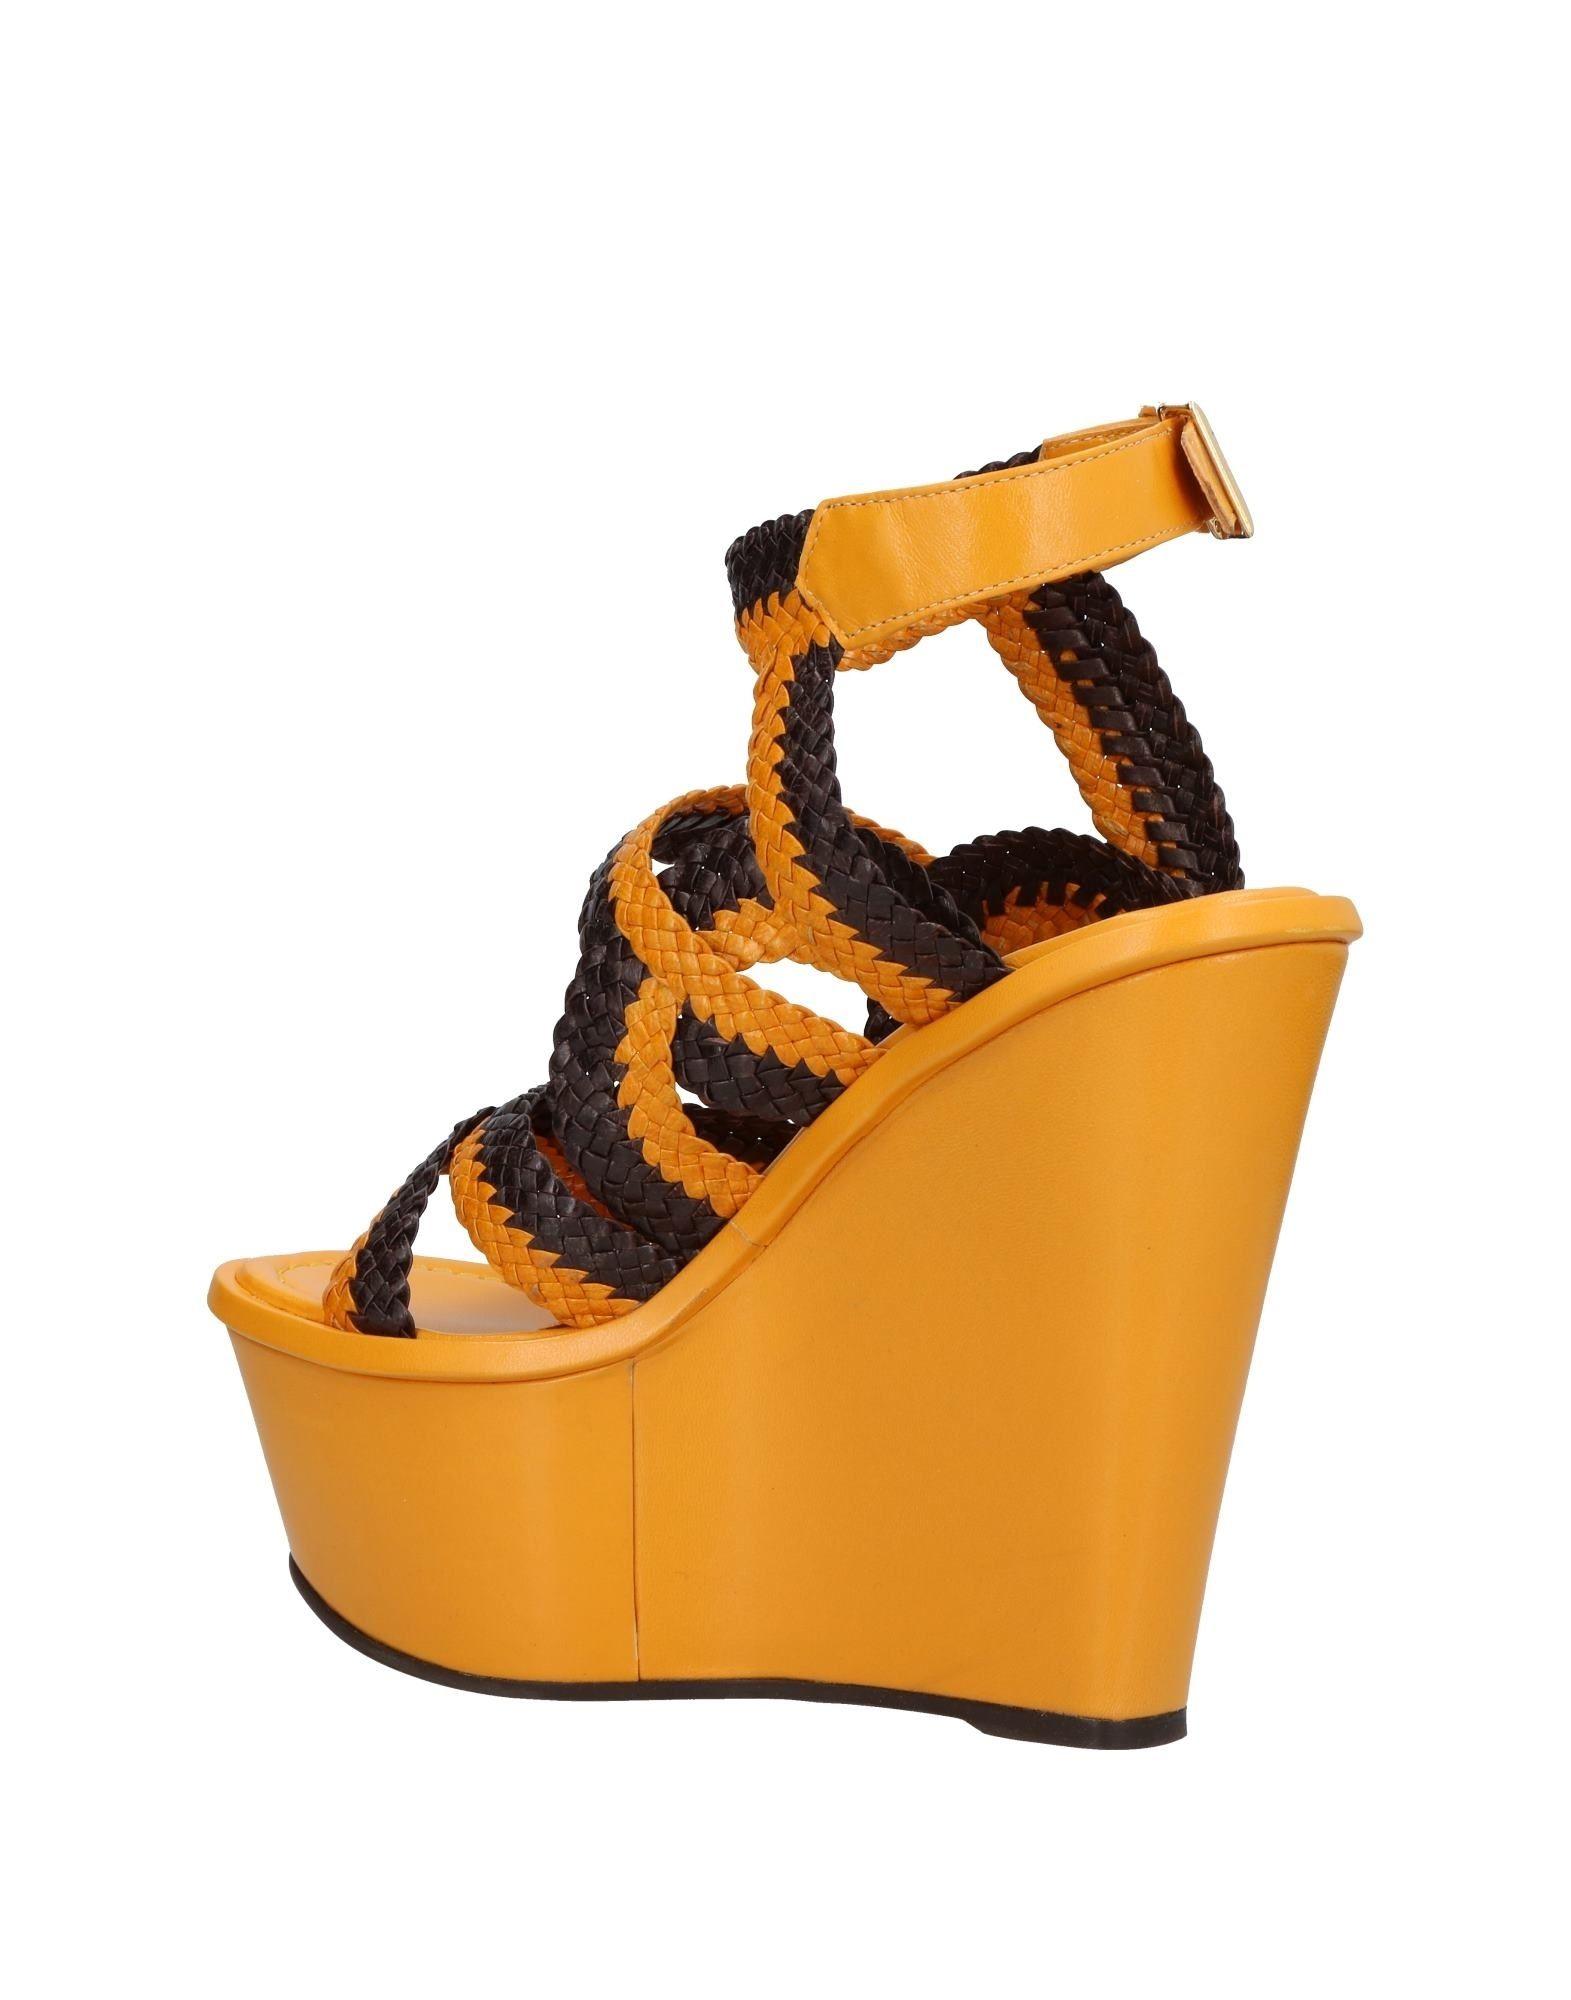 Damy Sandalen Damen  11399619JS Gute Qualität beliebte Schuhe